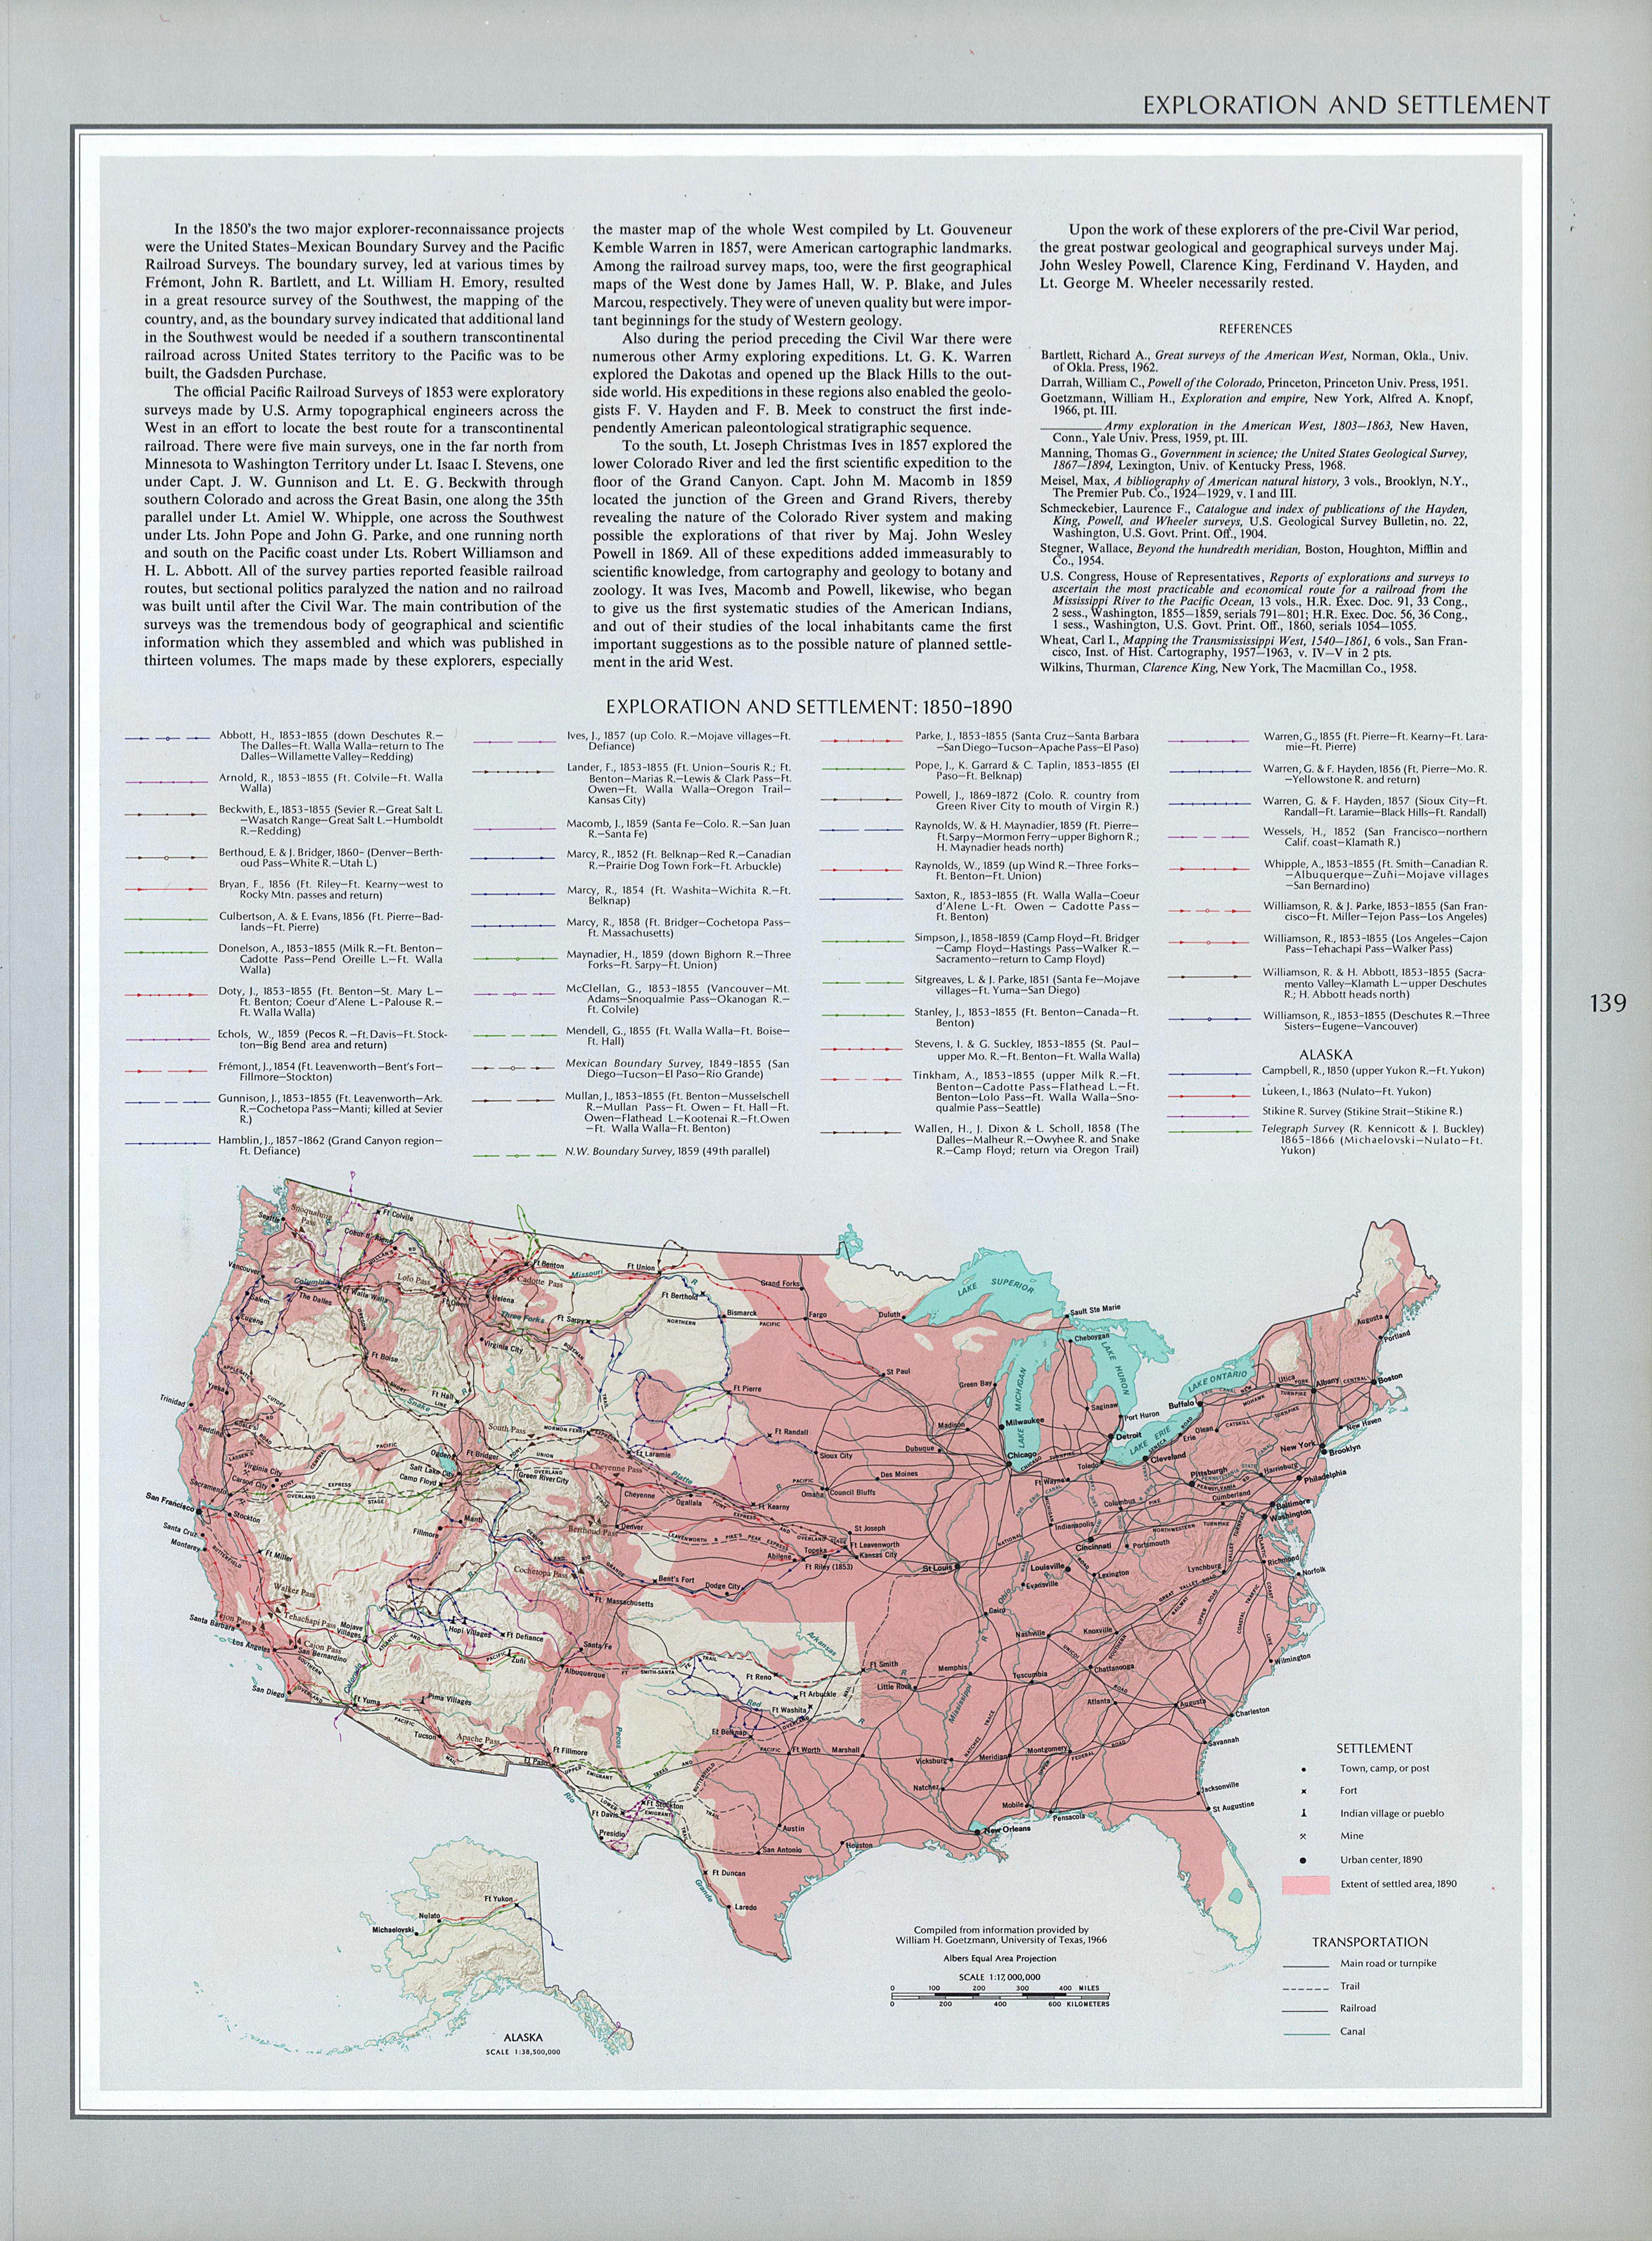 Mapa de Exploración y Asentamientos del Territorio de Estados Unidos 1850 - 1890